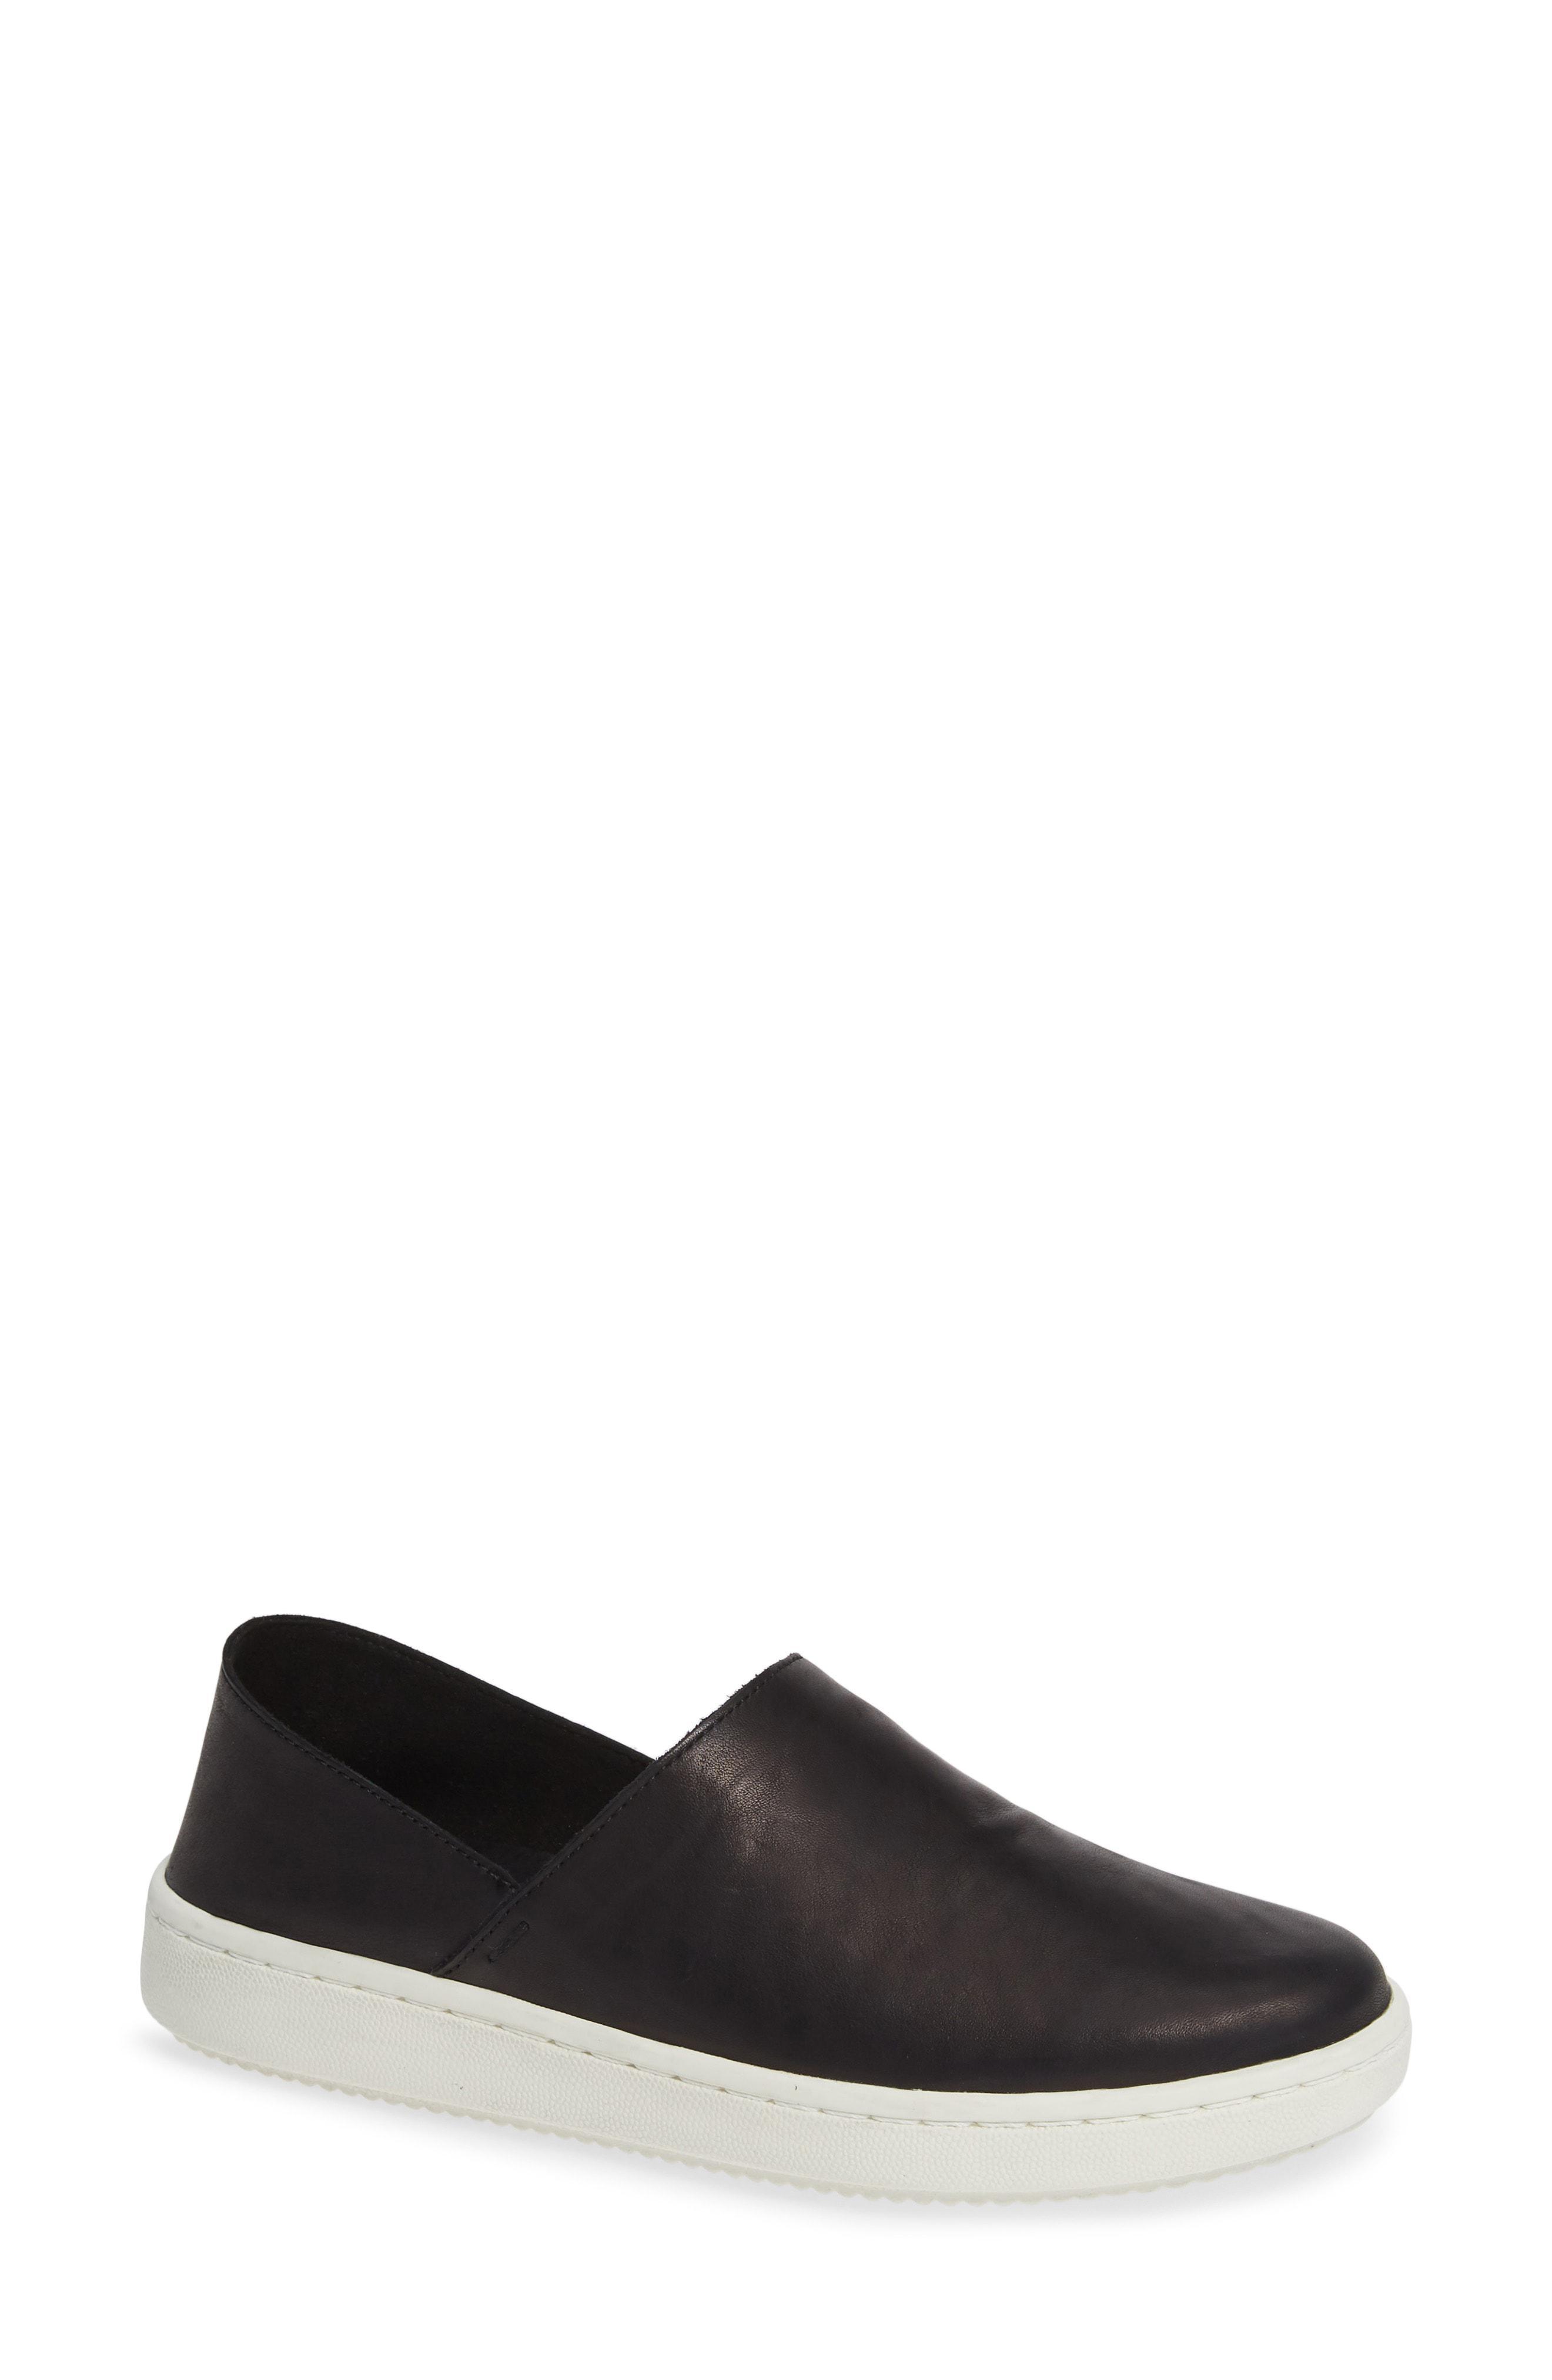 81406ed2d Lyst - Eileen Fisher Panda Ii Slip-on Sneaker in Black